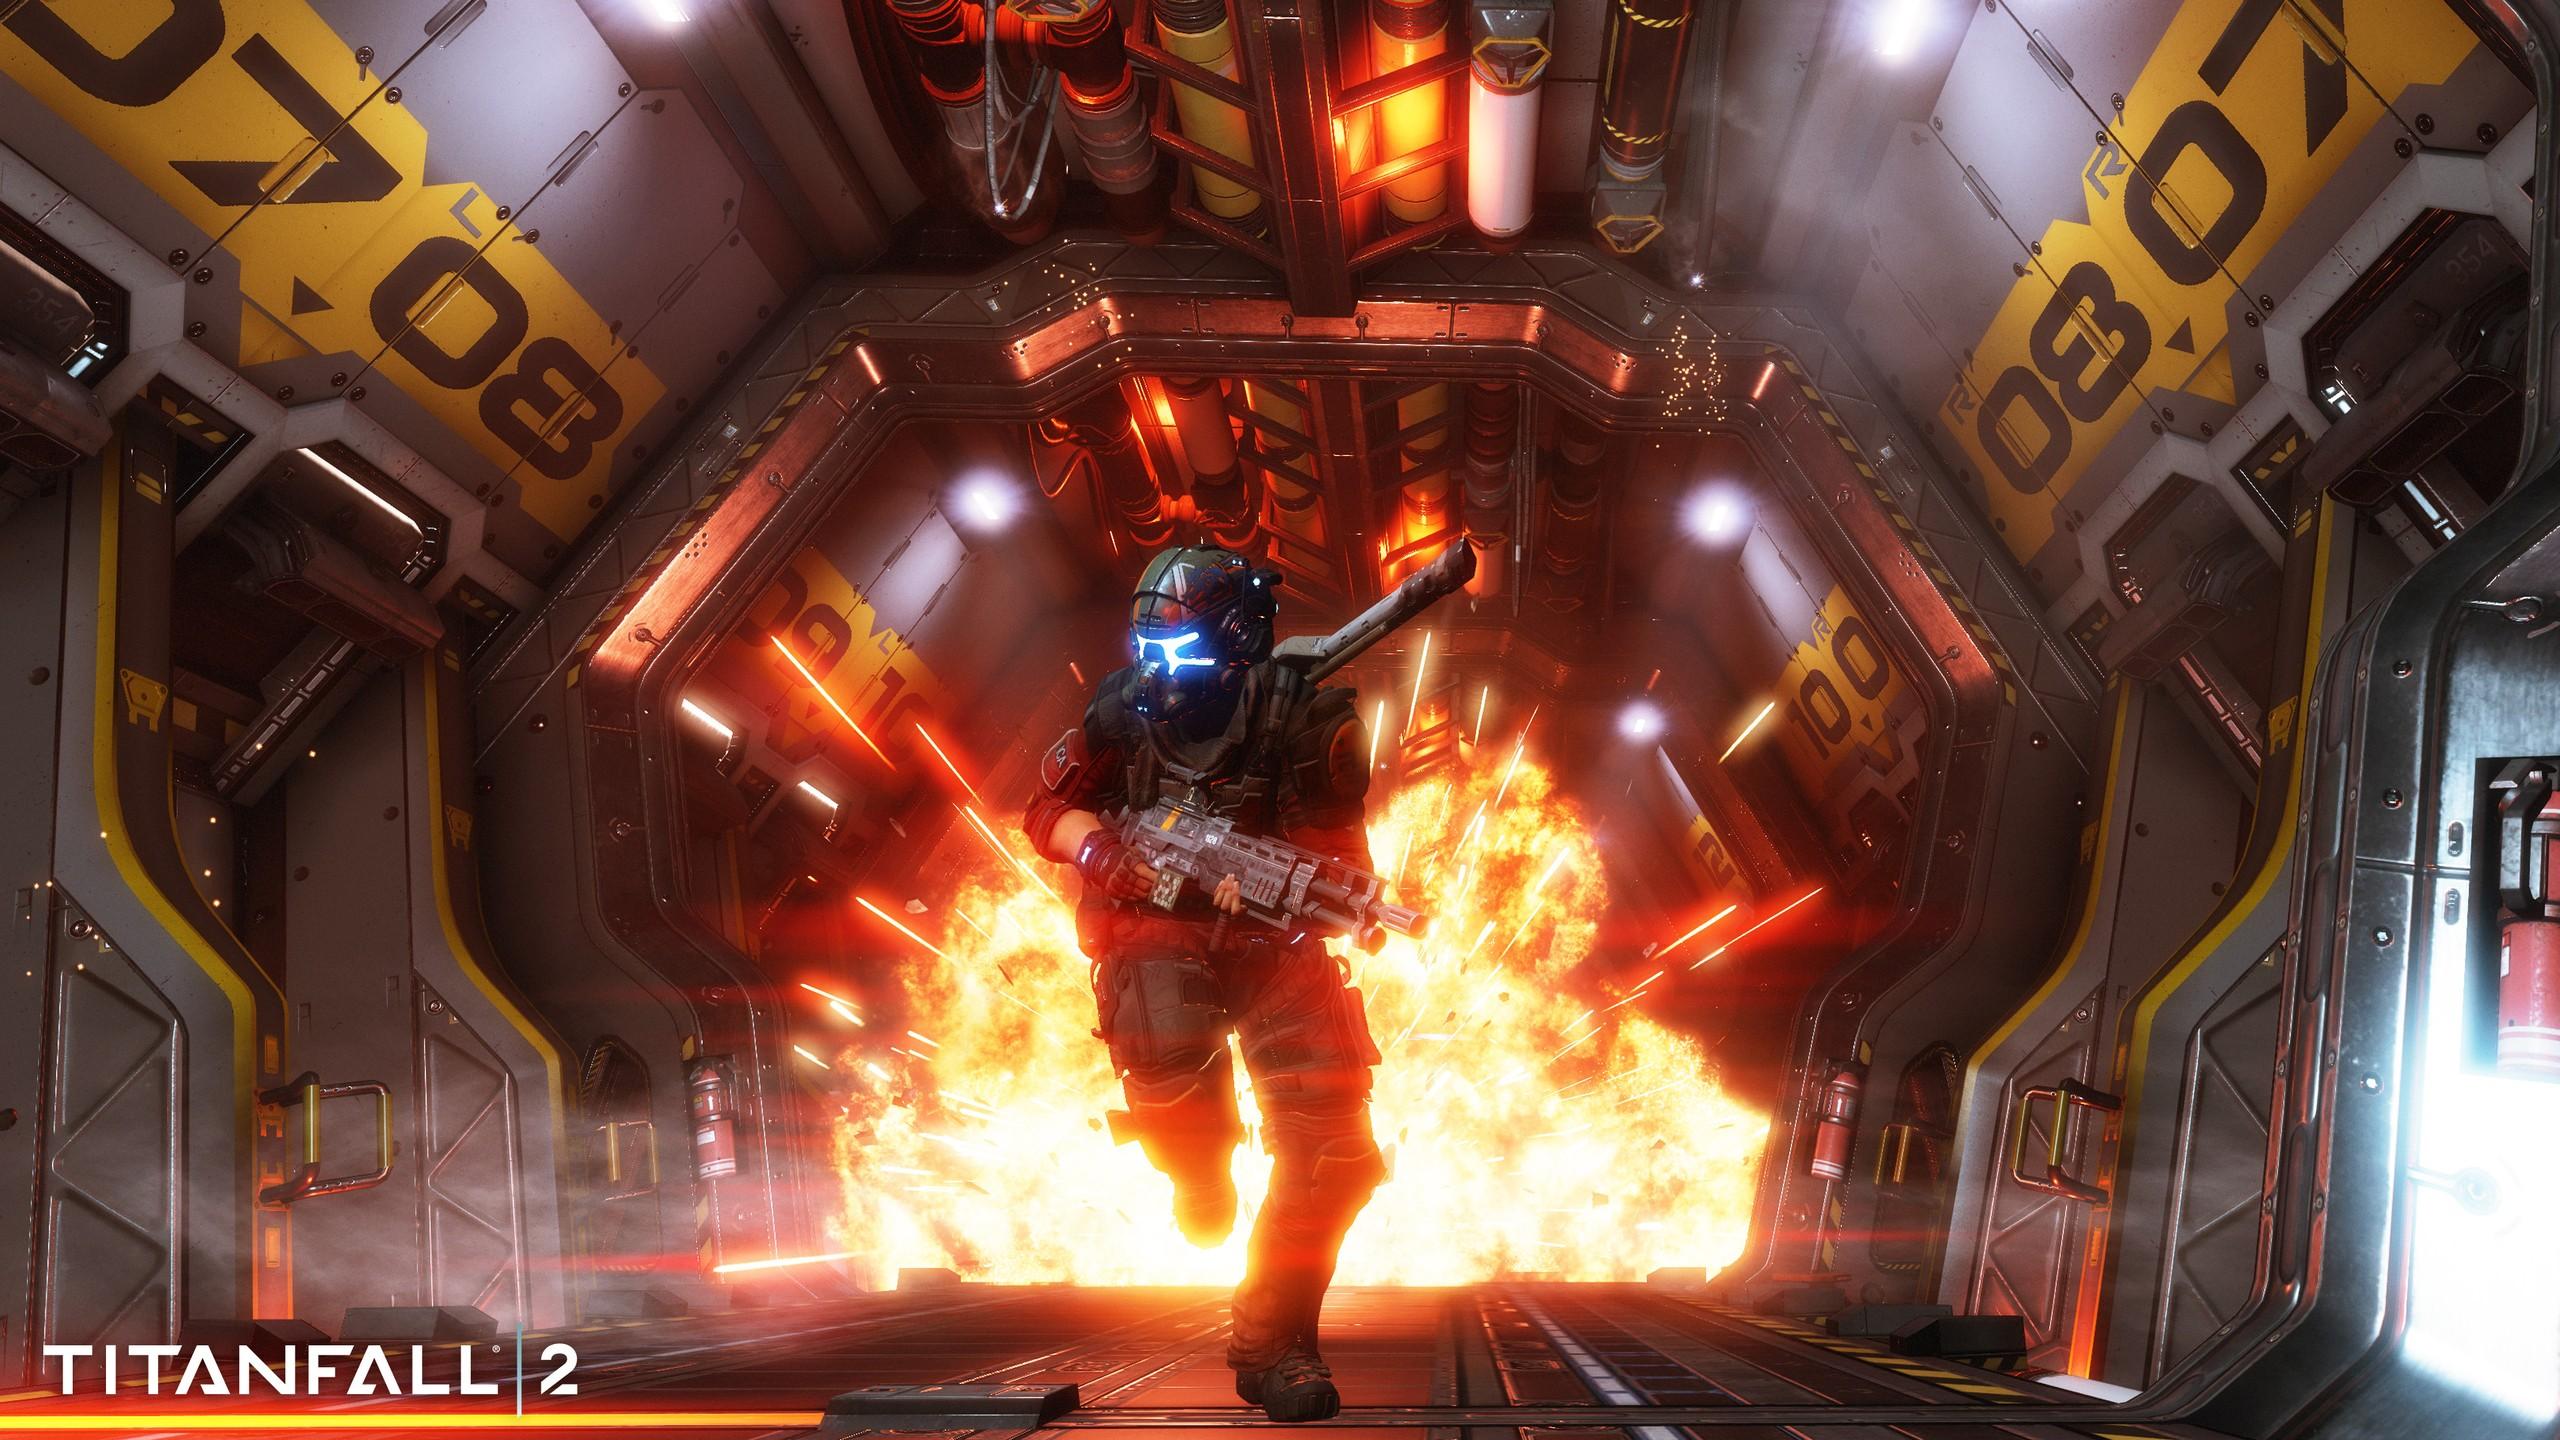 wallpaper : titanfall 2, pc gaming, games, screenshot, pc game